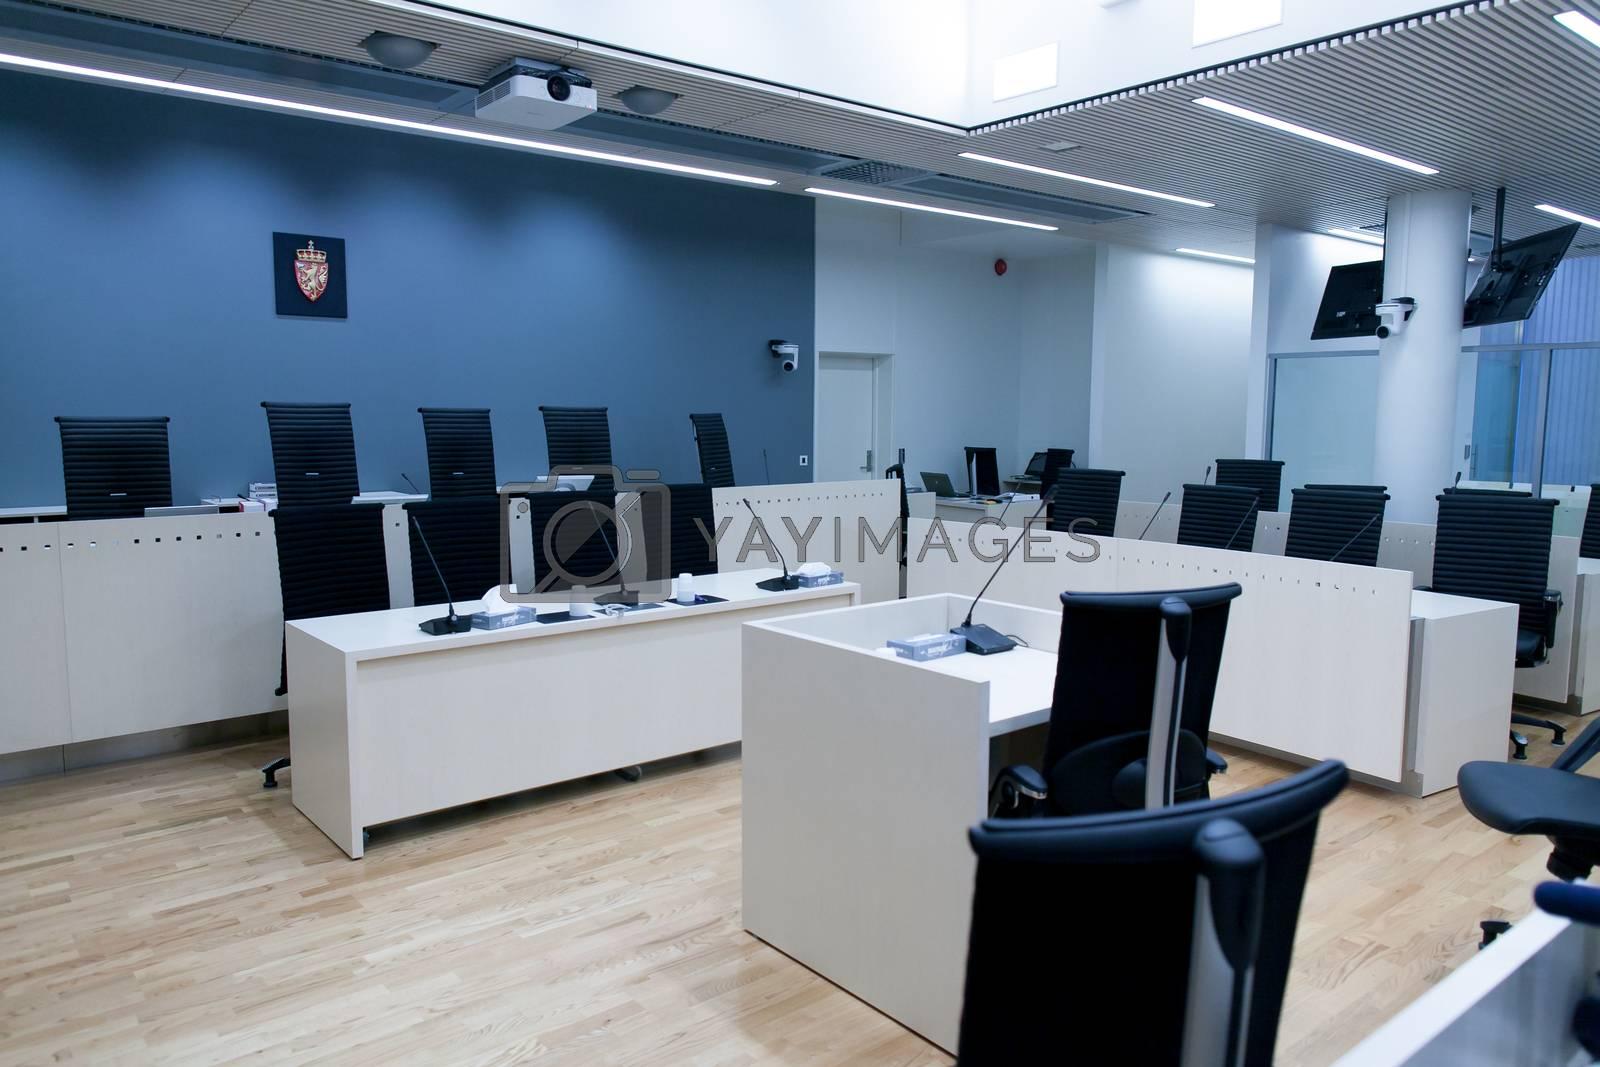 domstol, illustrasjonsbilder, retten, tiltaler